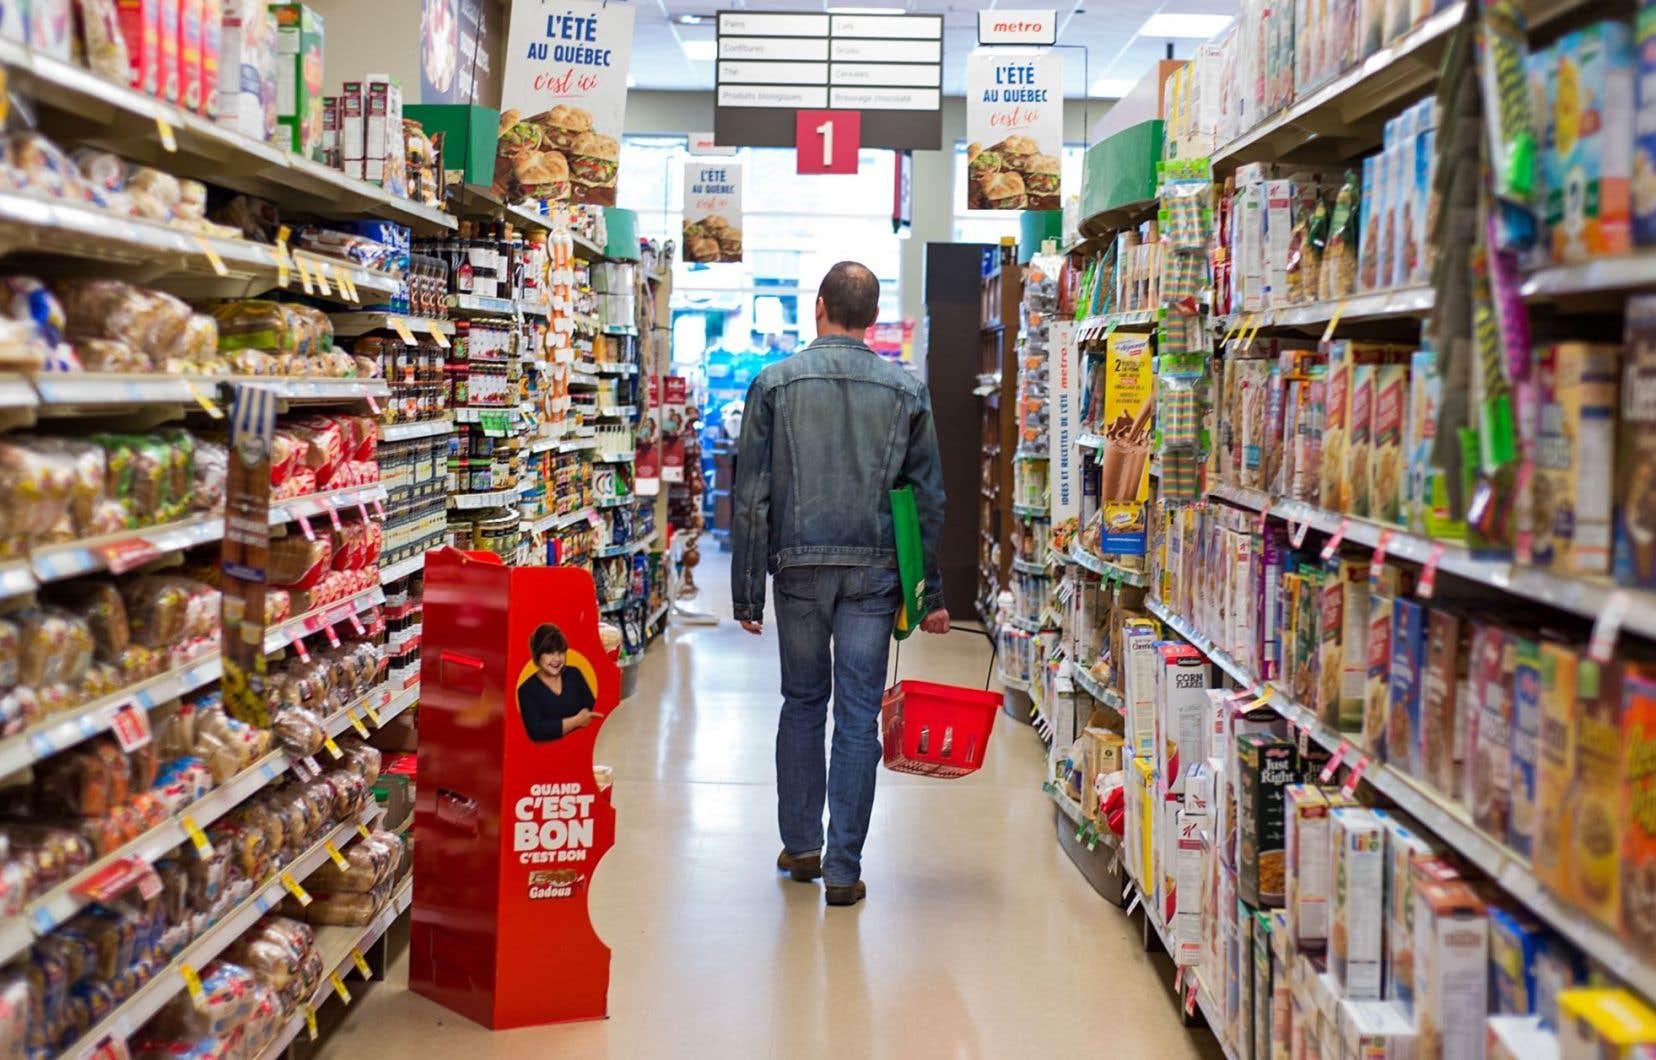 L'augmentation du prix des aliments aidant, les consommateurs se tournent de plus en plus vers les supermarchés à escompte.